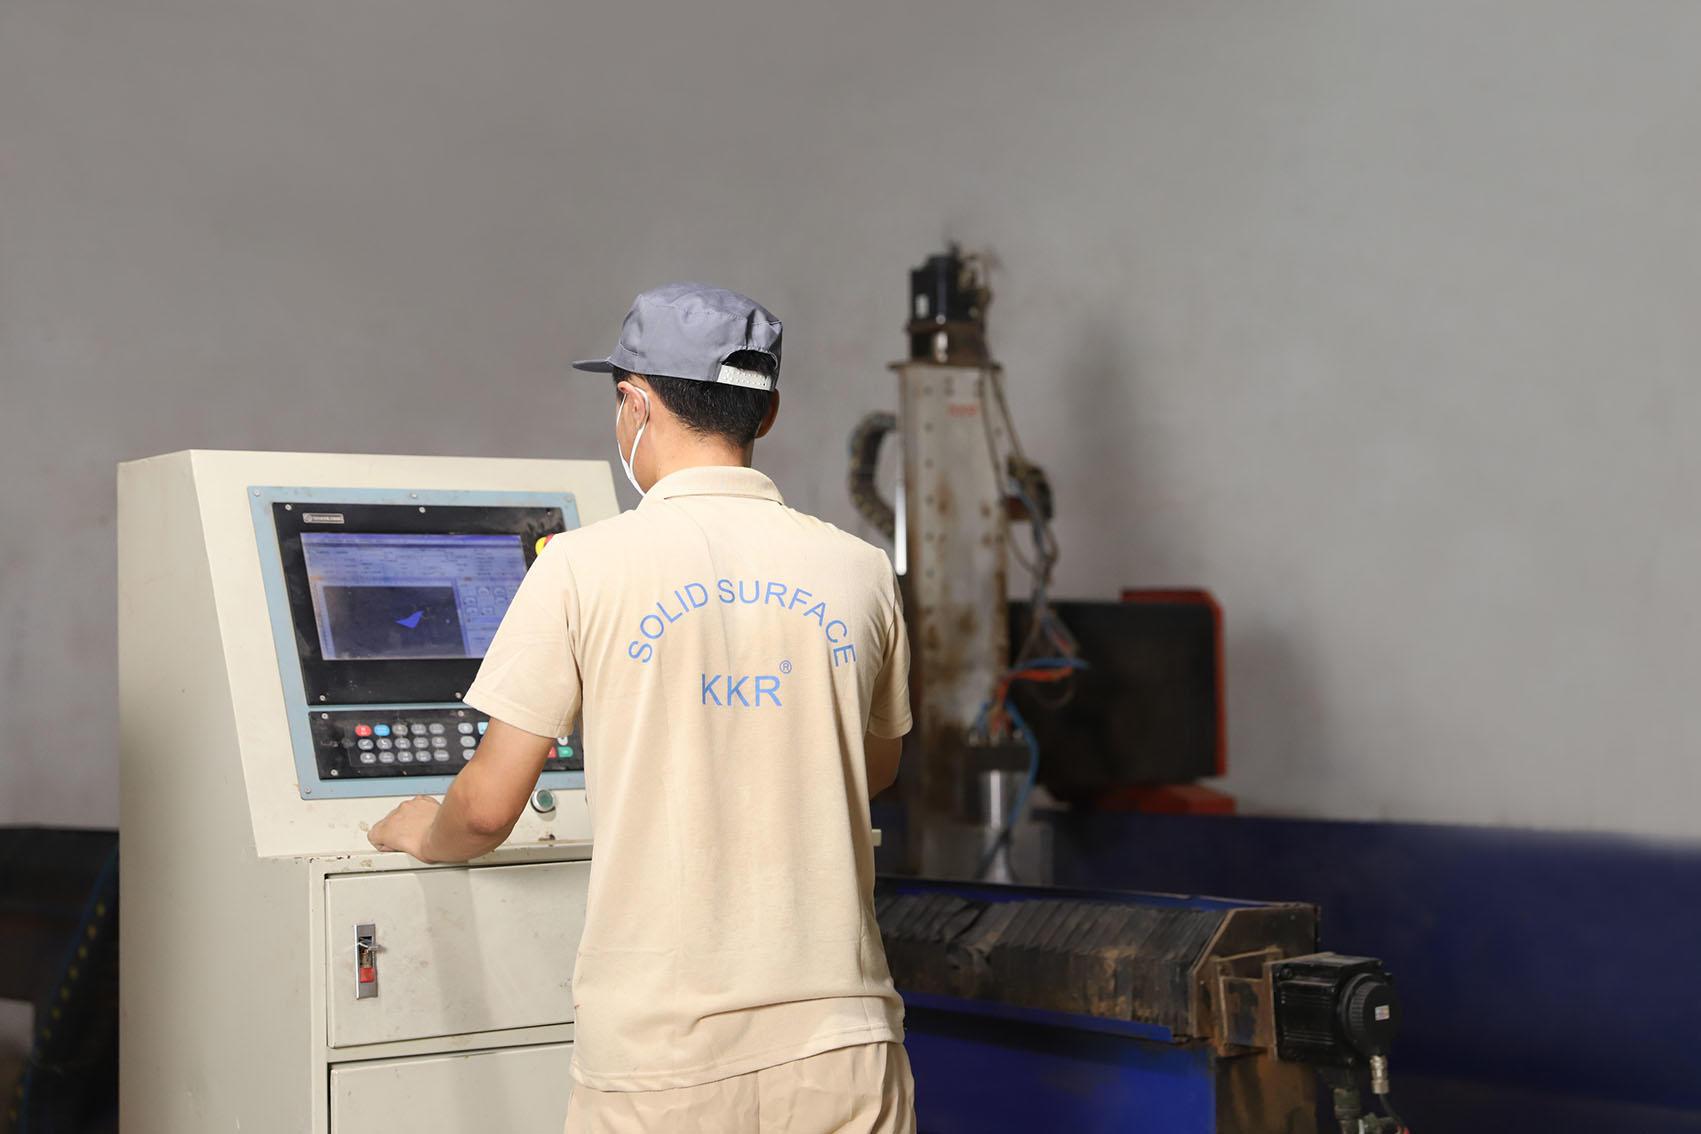 Machining and repairing